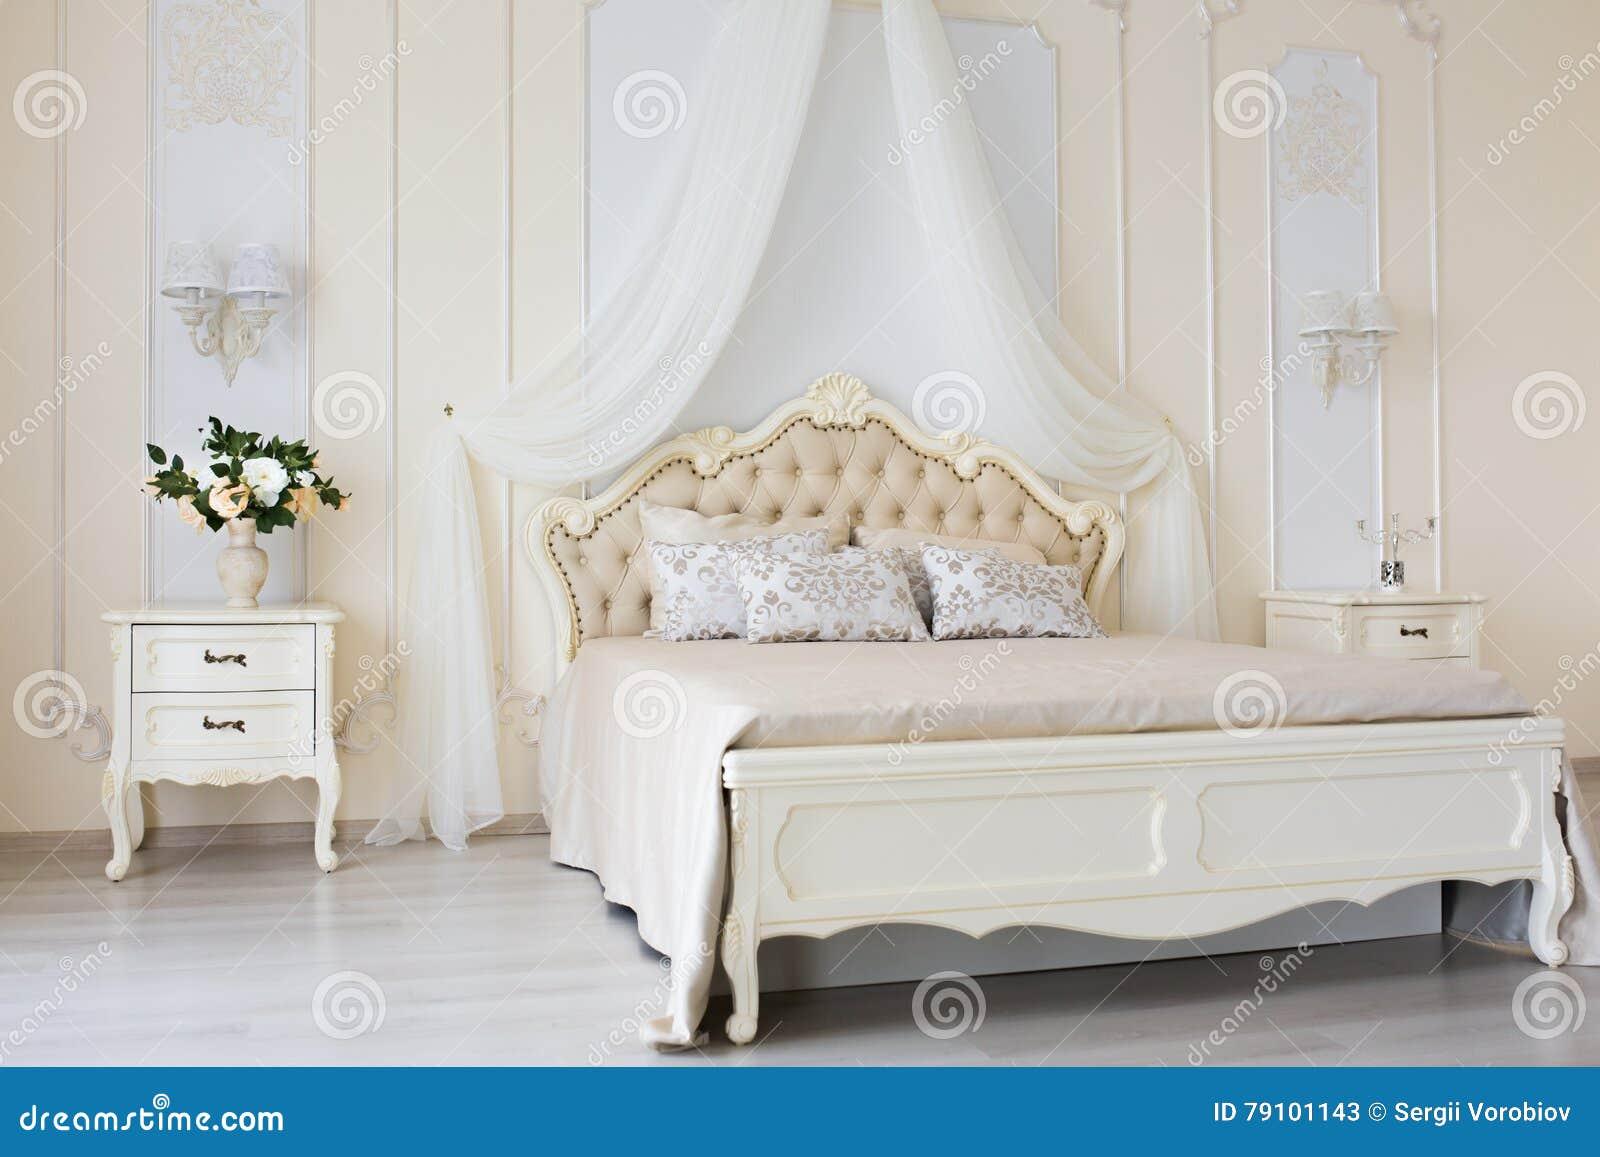 Dormitorios colores claros cool contraste perfecto del - Dormitorios colores claros ...